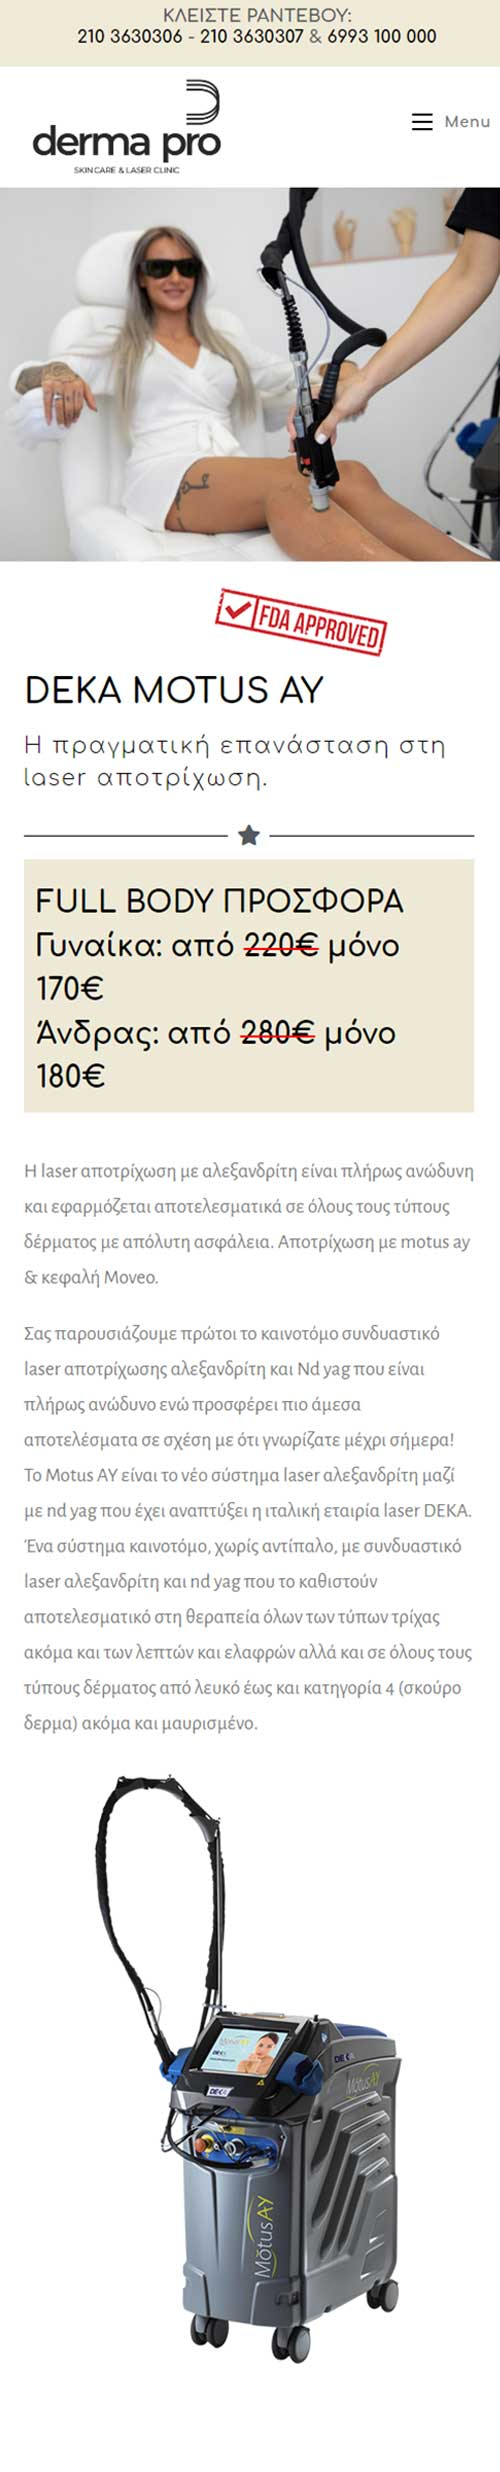 ιστοσελίδων dermapr resp 02